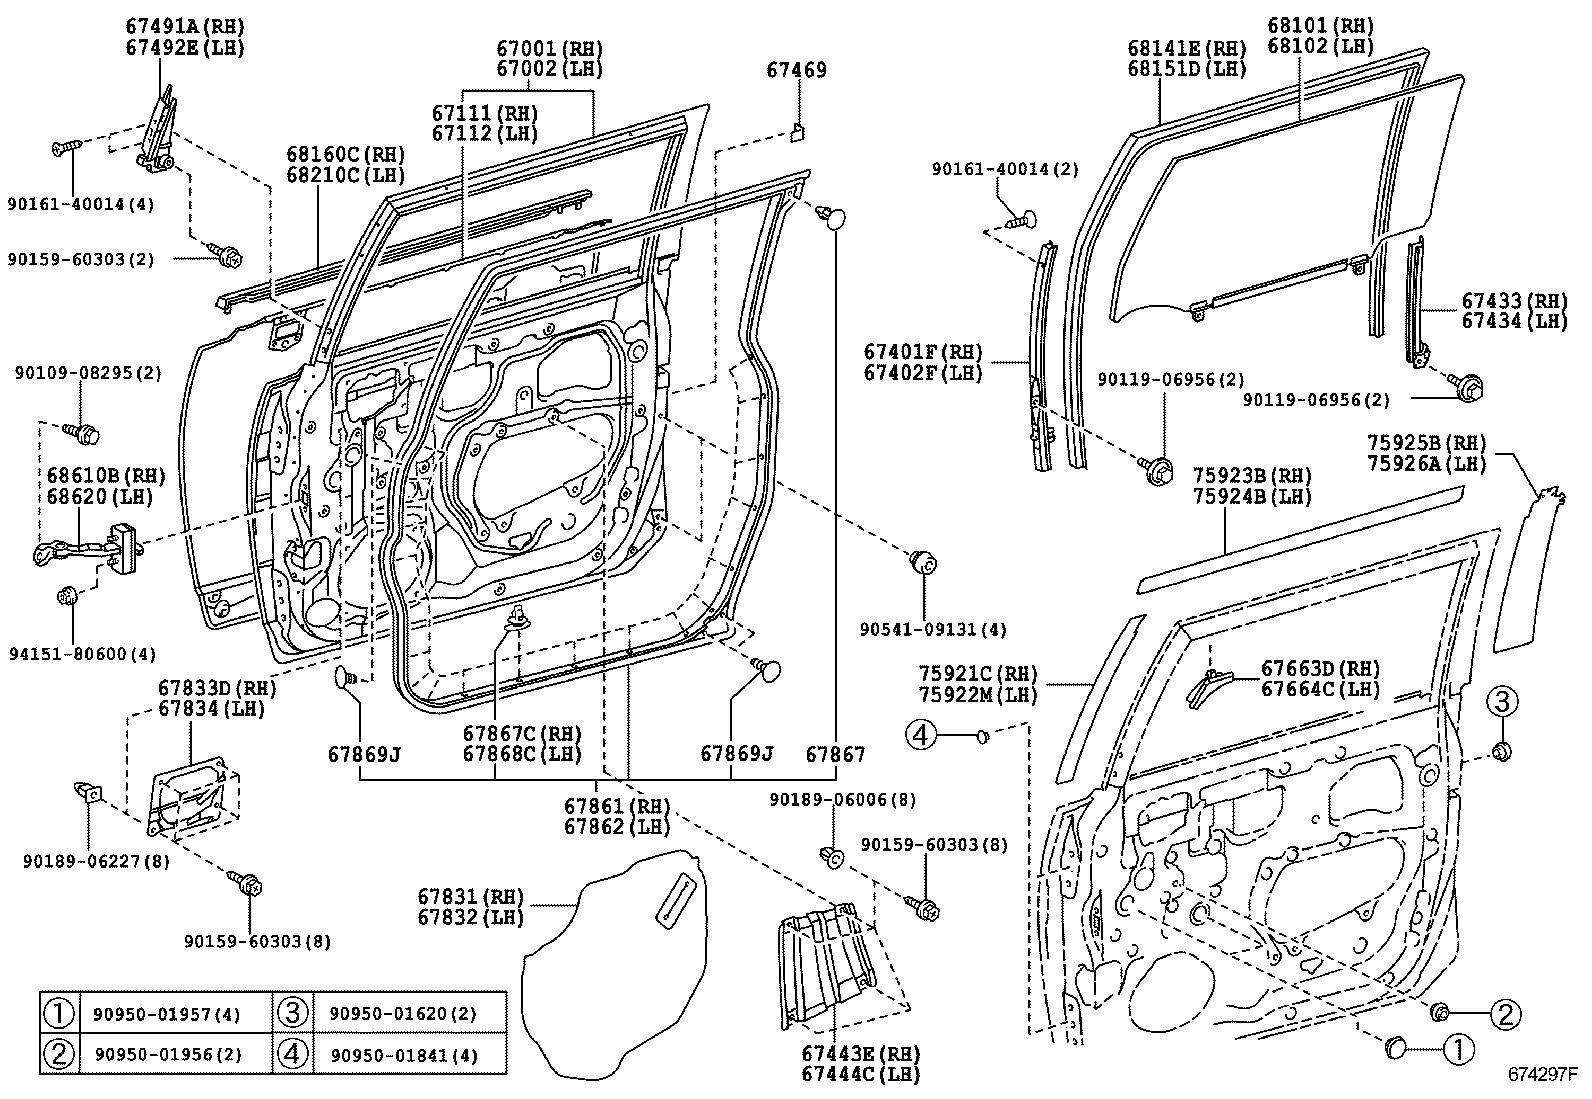 Fj Cruiser Parts Diagram